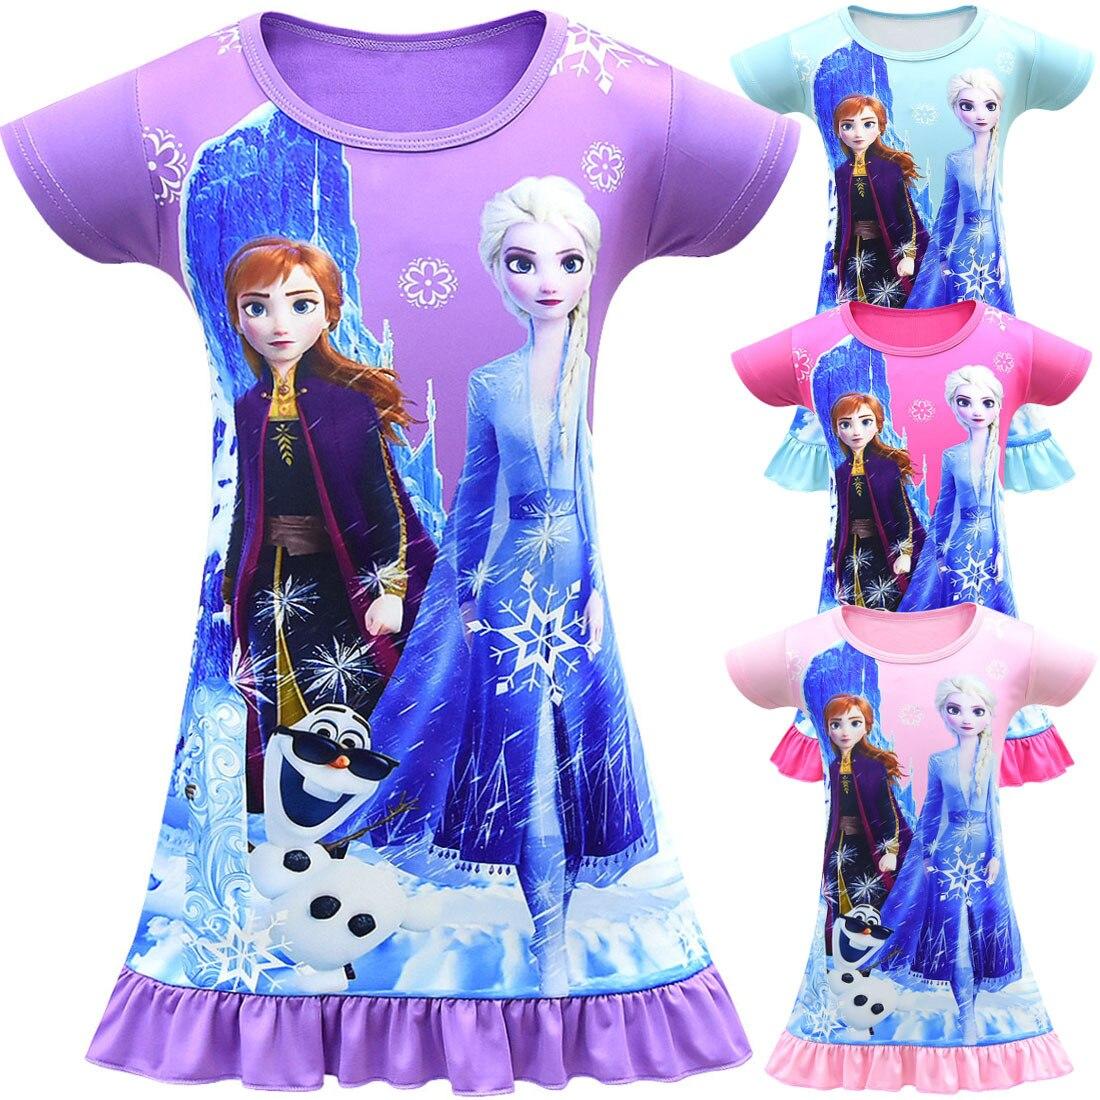 Frozen nightdress pijamas disney cartoon girl mid-length saia vestidos infantis dar às crianças um presente de aniversário